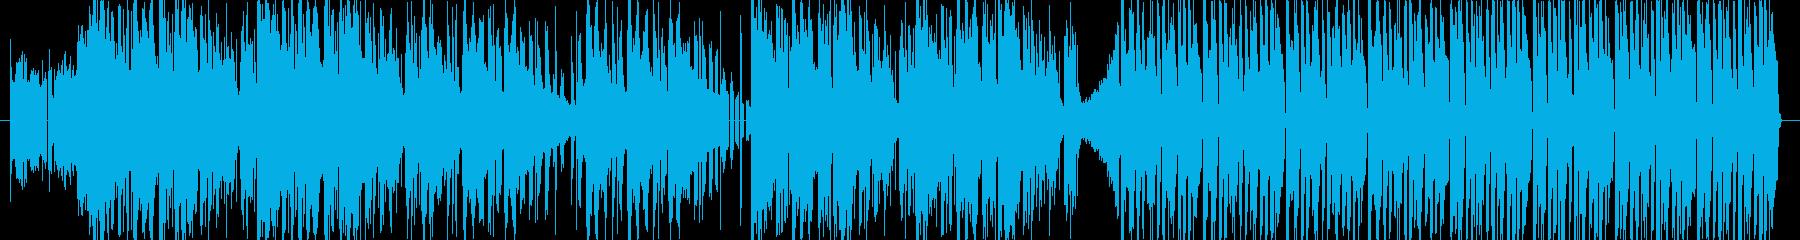 スマートで先進的な電子音インストの再生済みの波形